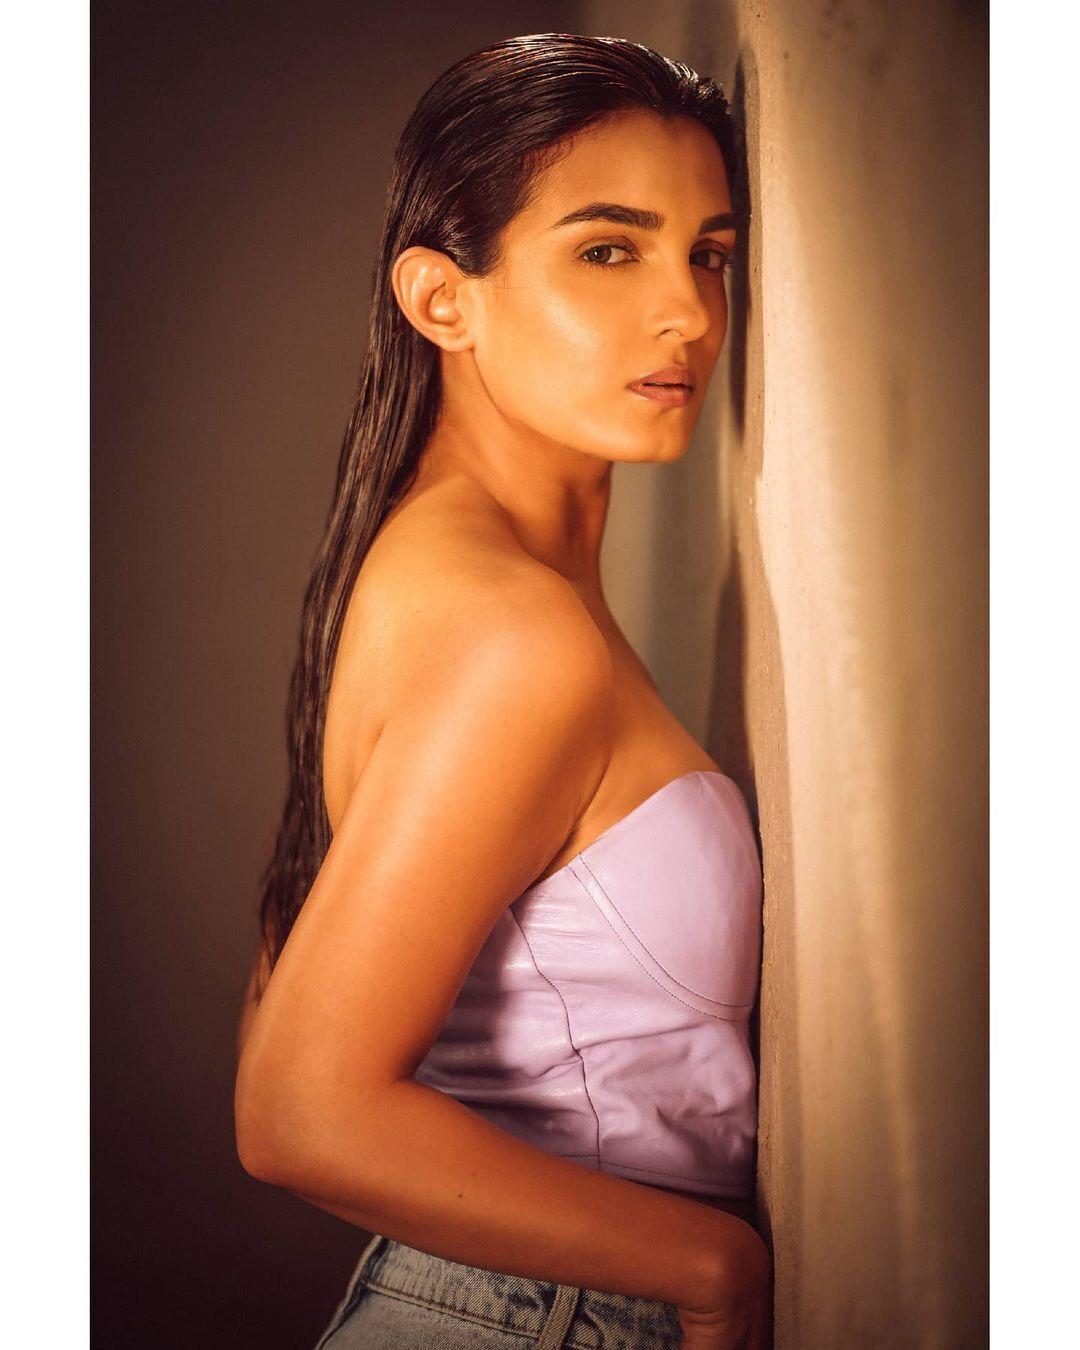 টিভি সিরিয়ালের বউমা শাড়ী ছেড়ে বিকিনিতে,দেখুন অভিনেত্রী সাইনী দোশীকে